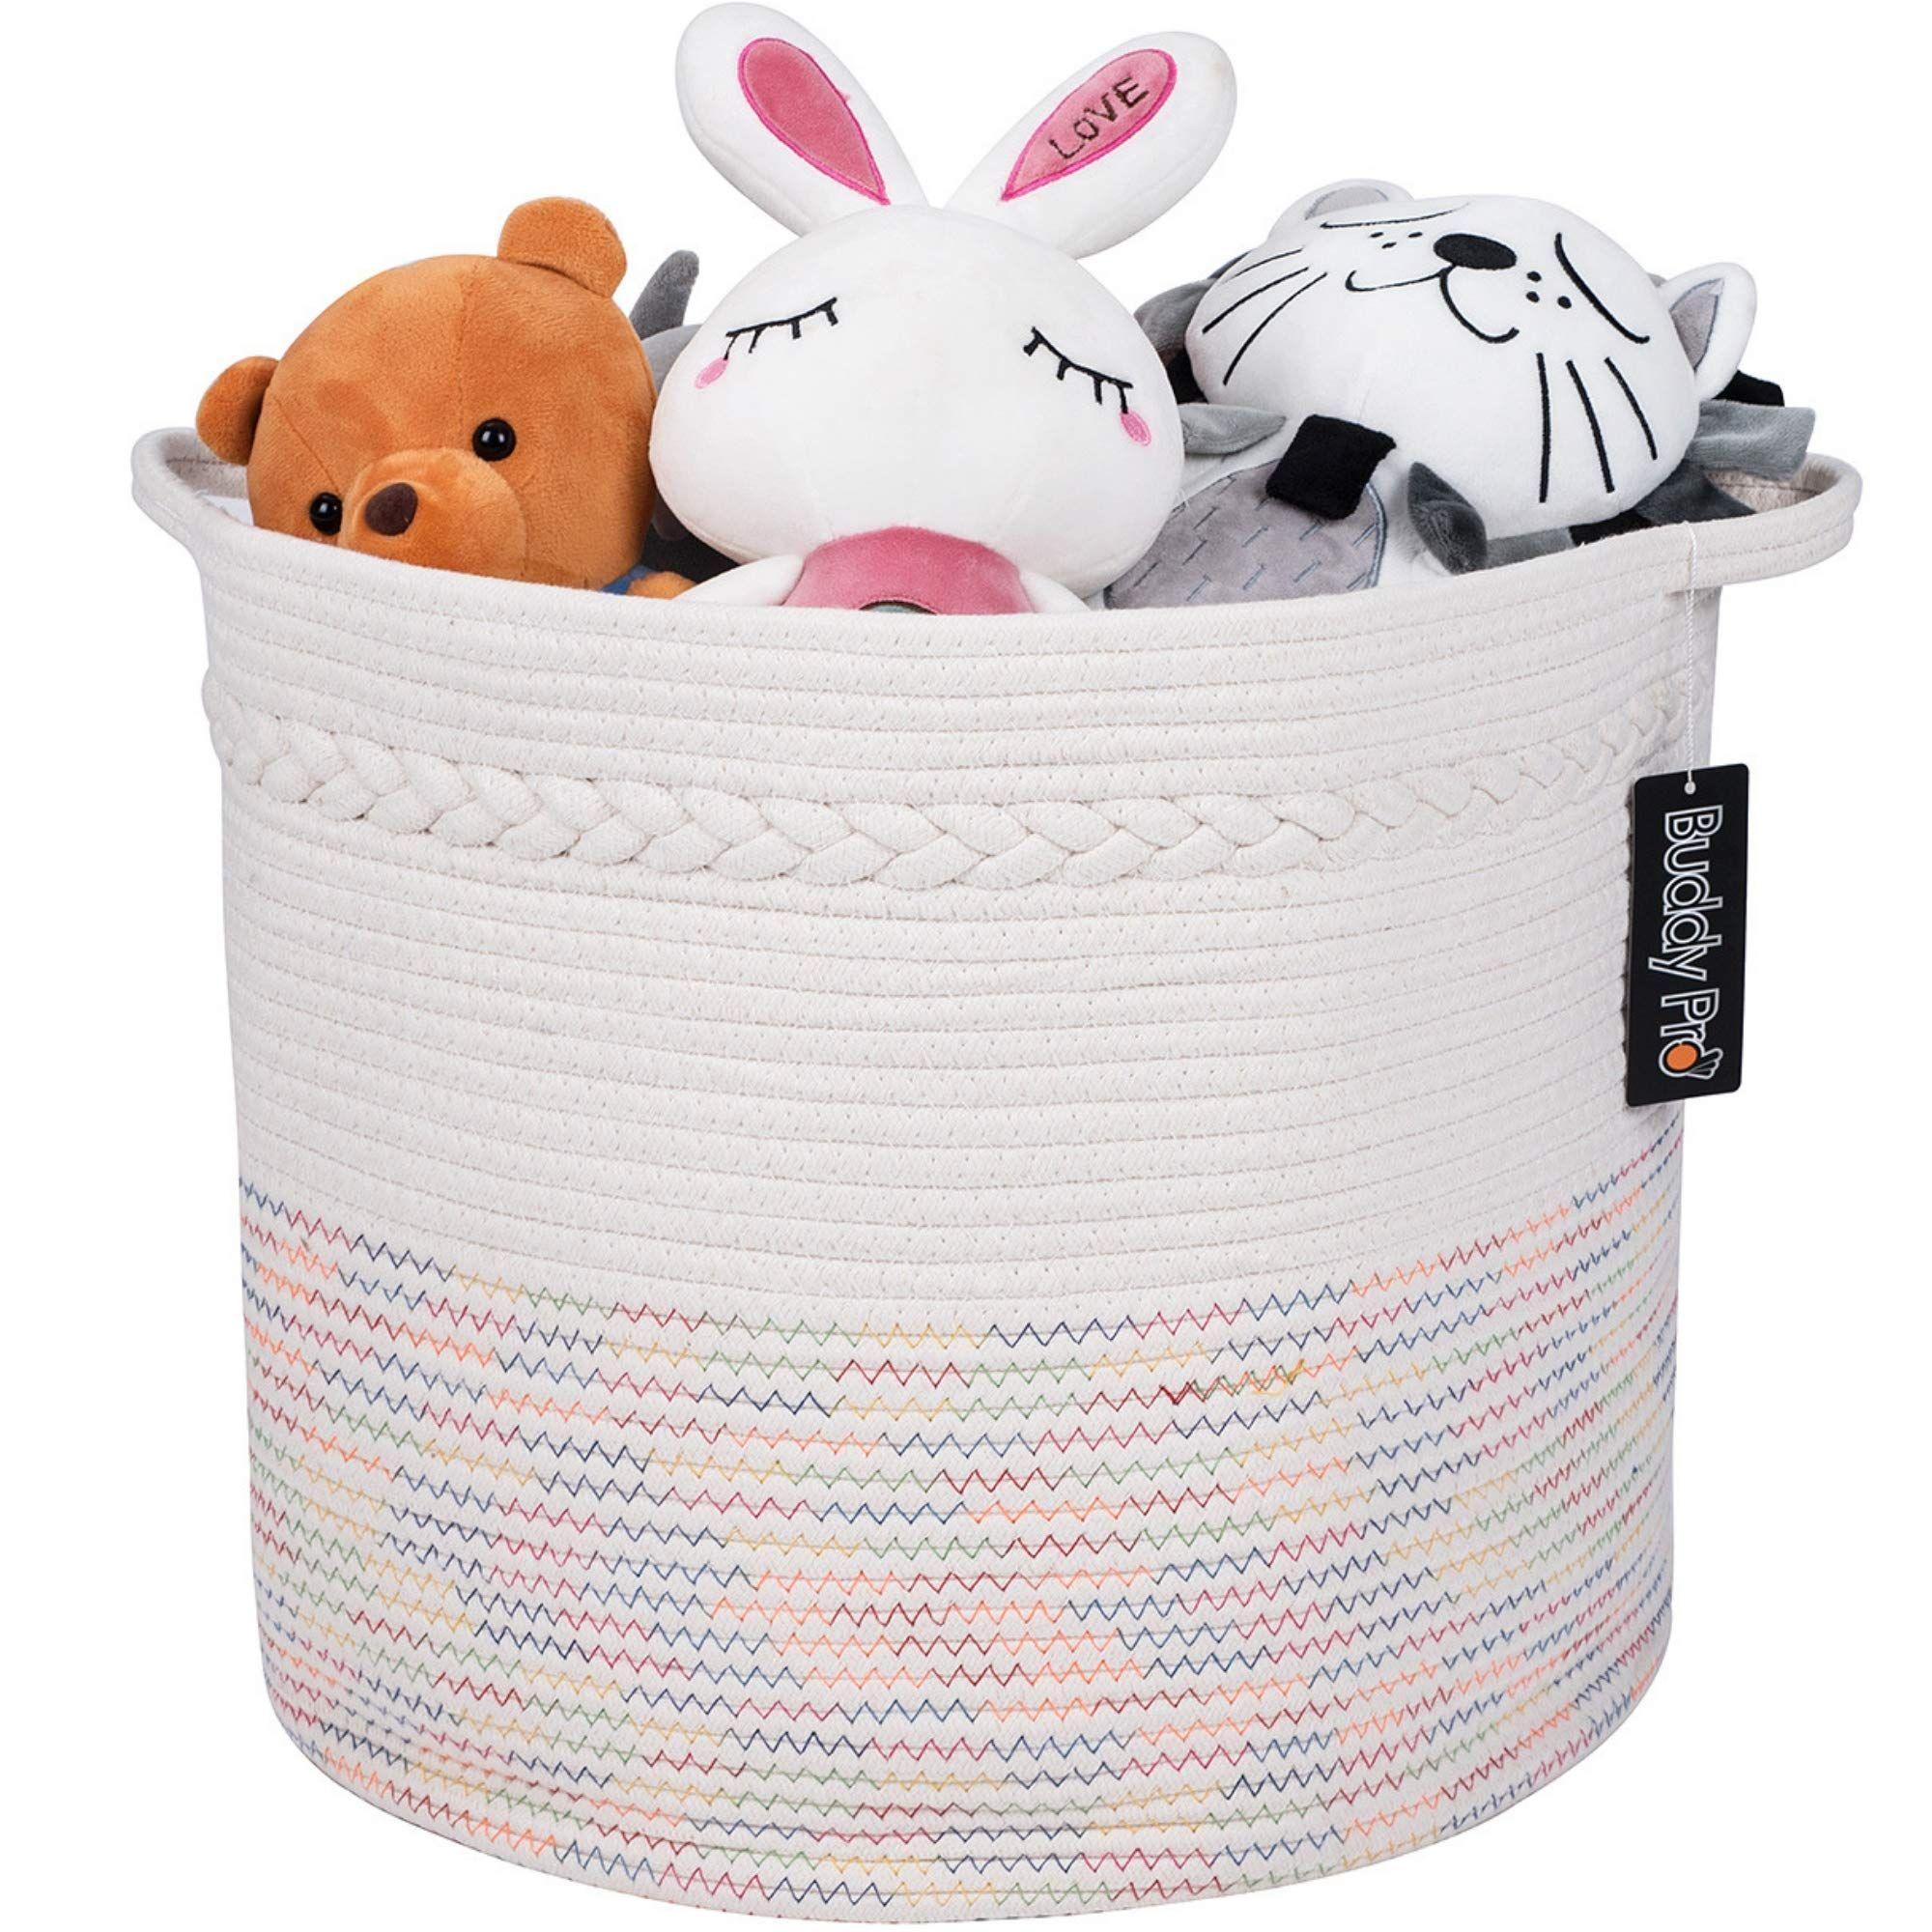 Buddy Pro Baby Toy Basket Wide 17 X 15 Extra Large Woven Storage Basket Blanket Basket Laundry Basket Nursery Hamp Toy Basket Baby Toys Blanket Basket